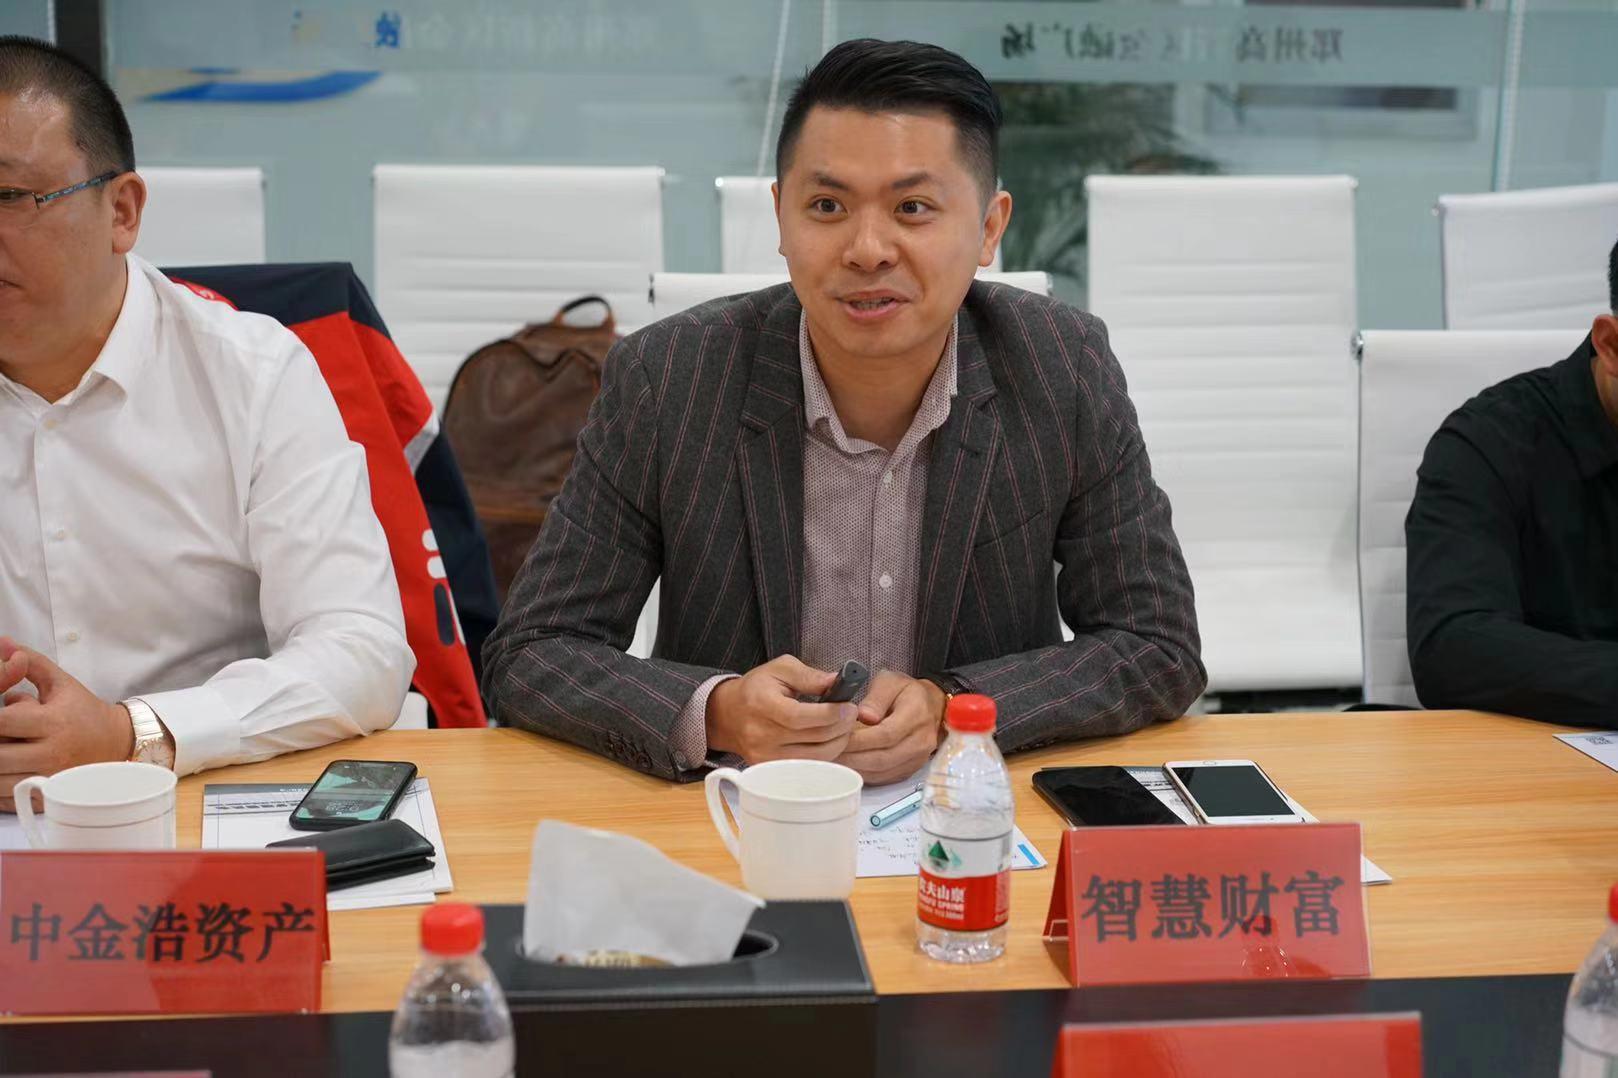 河南省知识产权金融高端分享会暨知识产权证券化沙龙成功举办